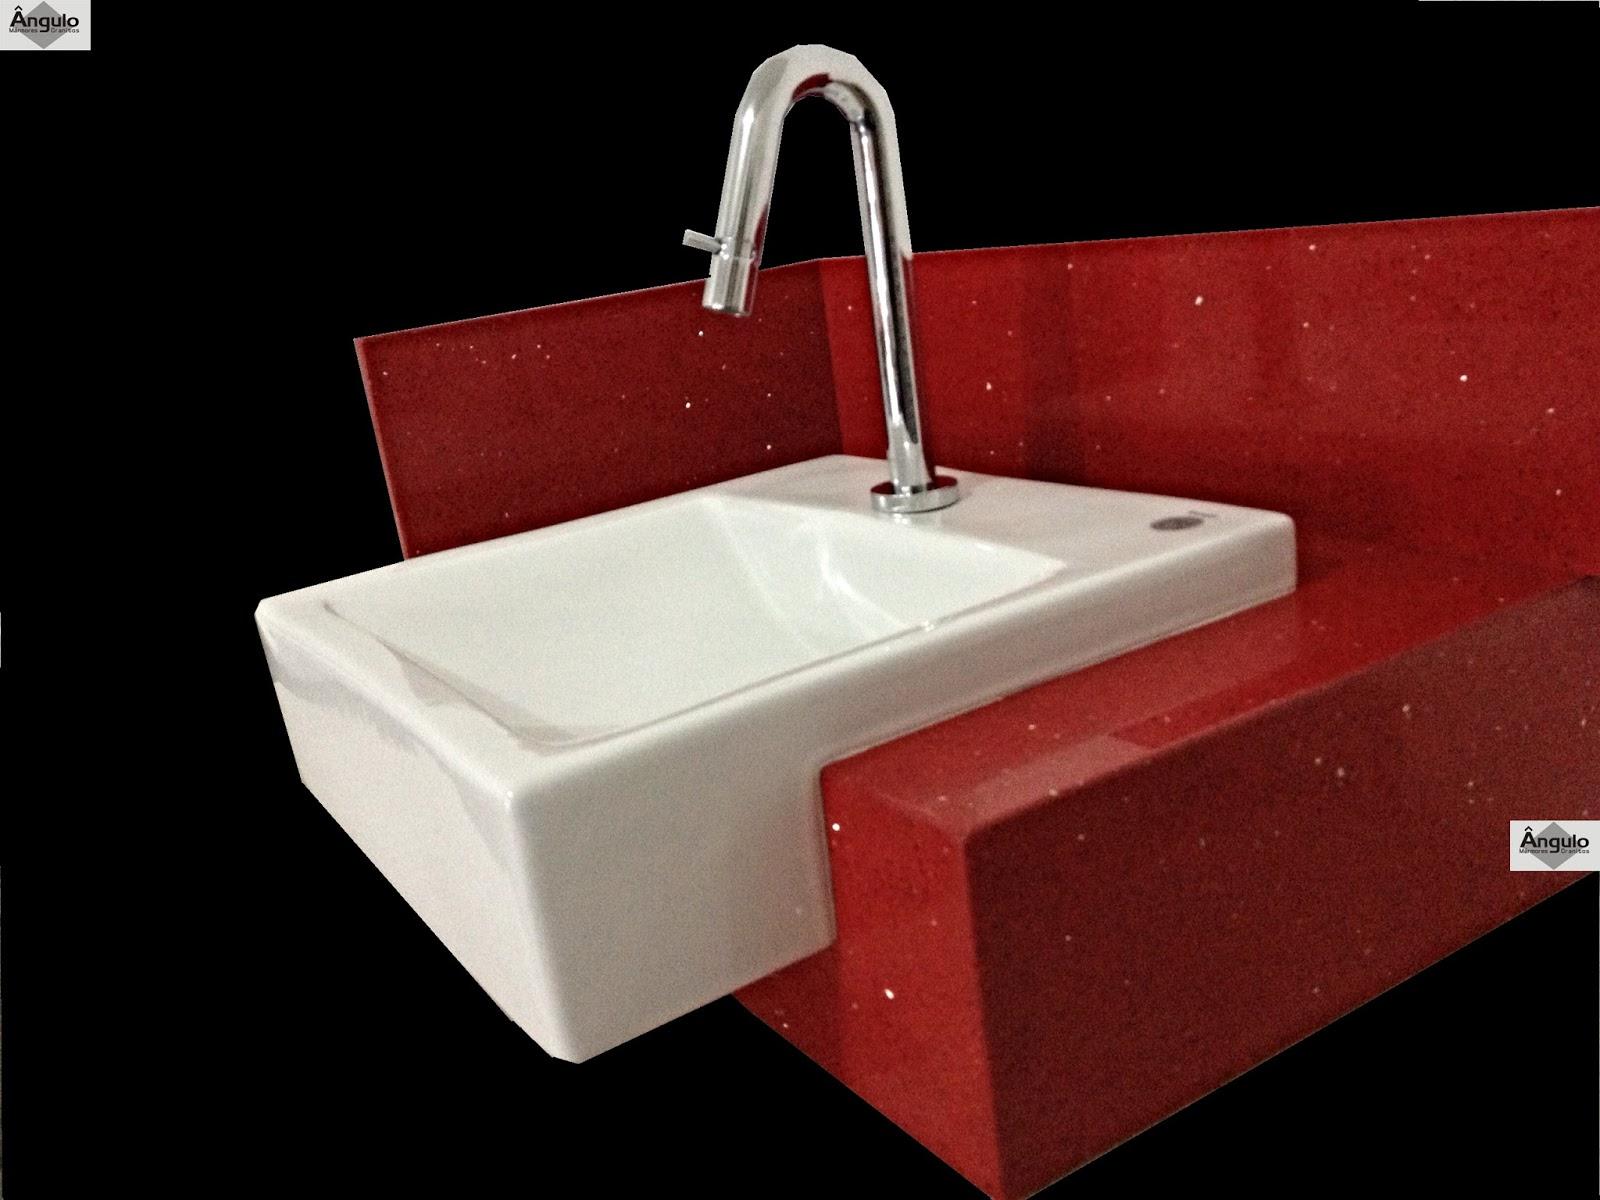 Bancada Banheiro Silestone Vermelho Stellar #080101 1600x1200 Bancada Banheiro Vermelha